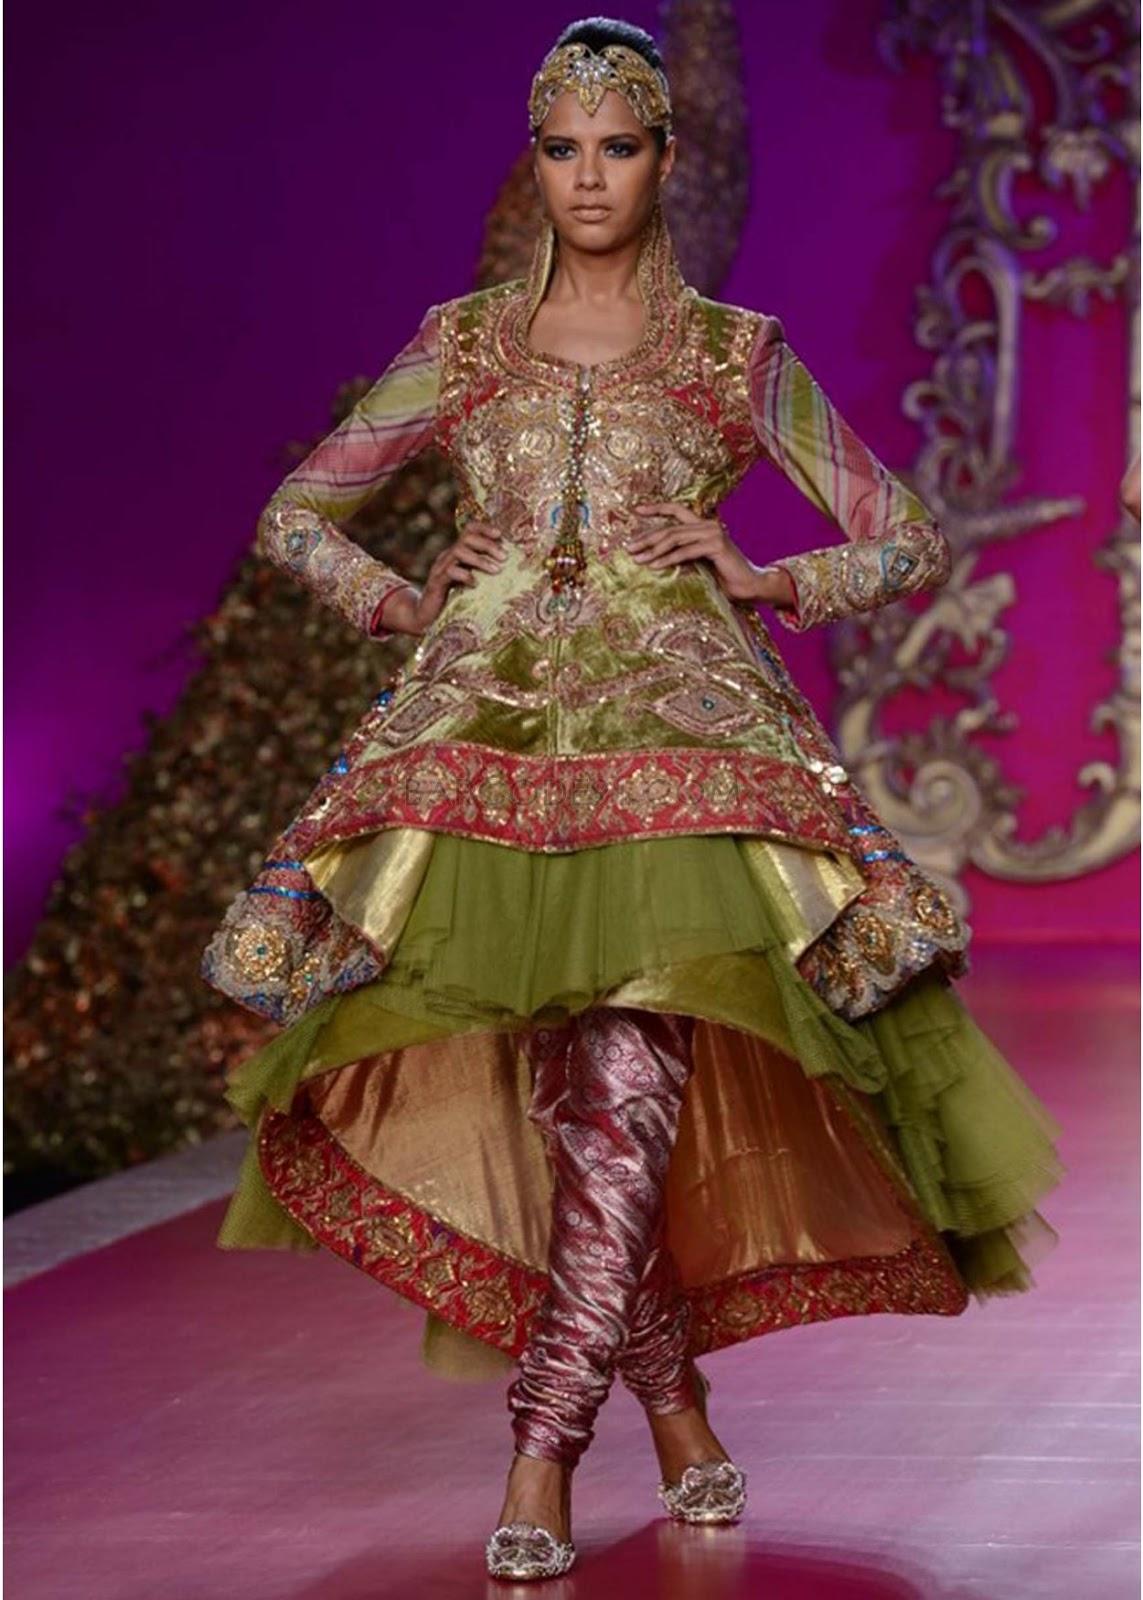 Ritu-Beri-Collection-at-PCJ-Delhi-Couture-Week-2013